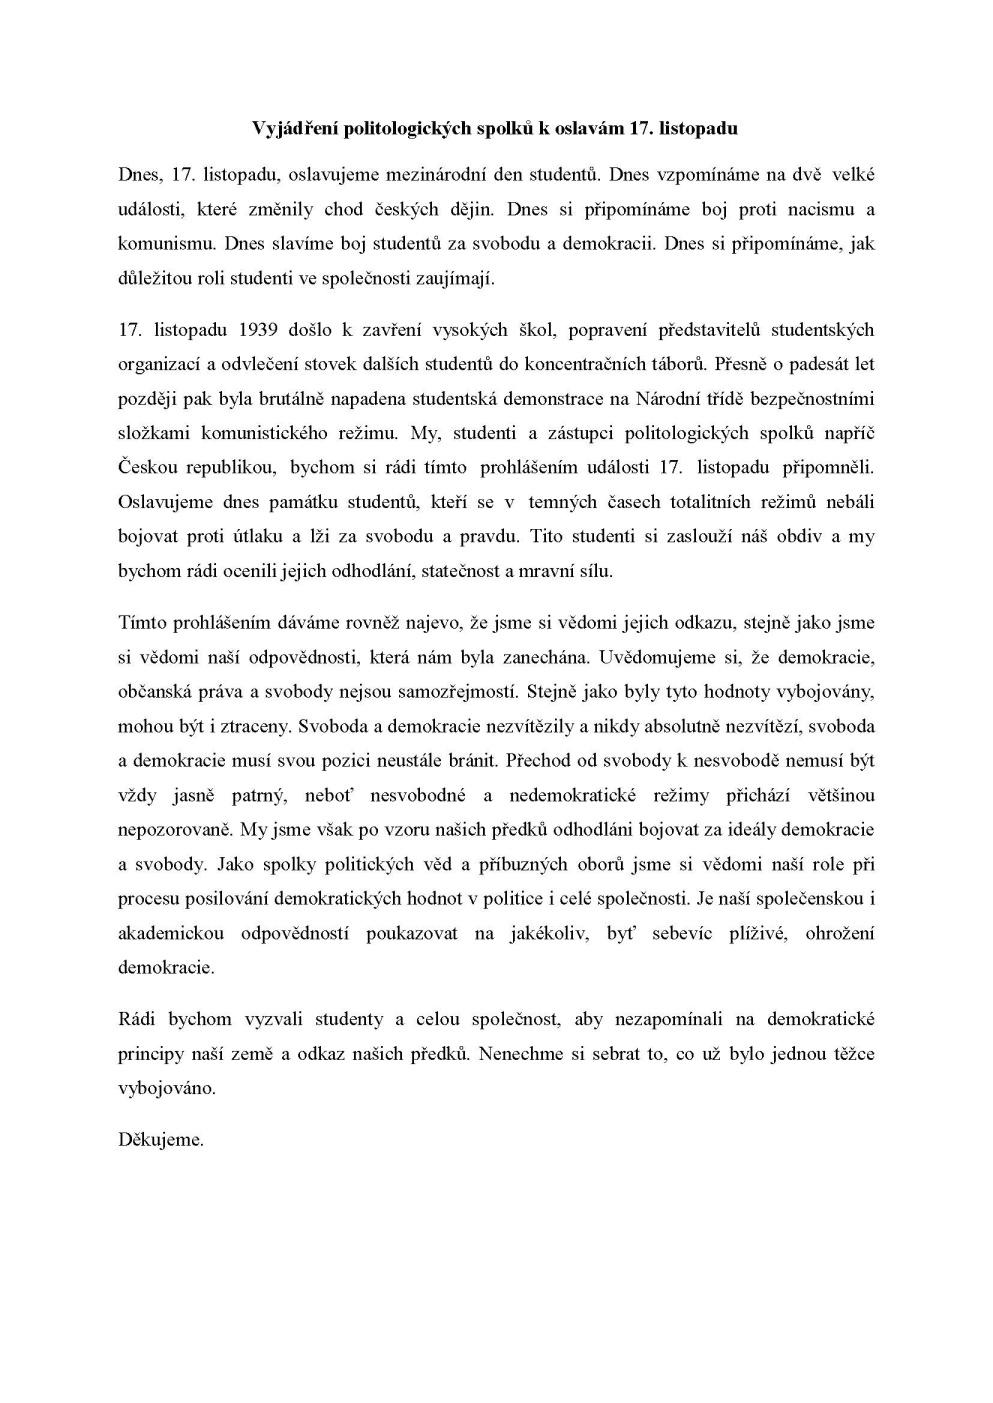 Prohlášení-studentů-politologie-k-17.-listopadu_final